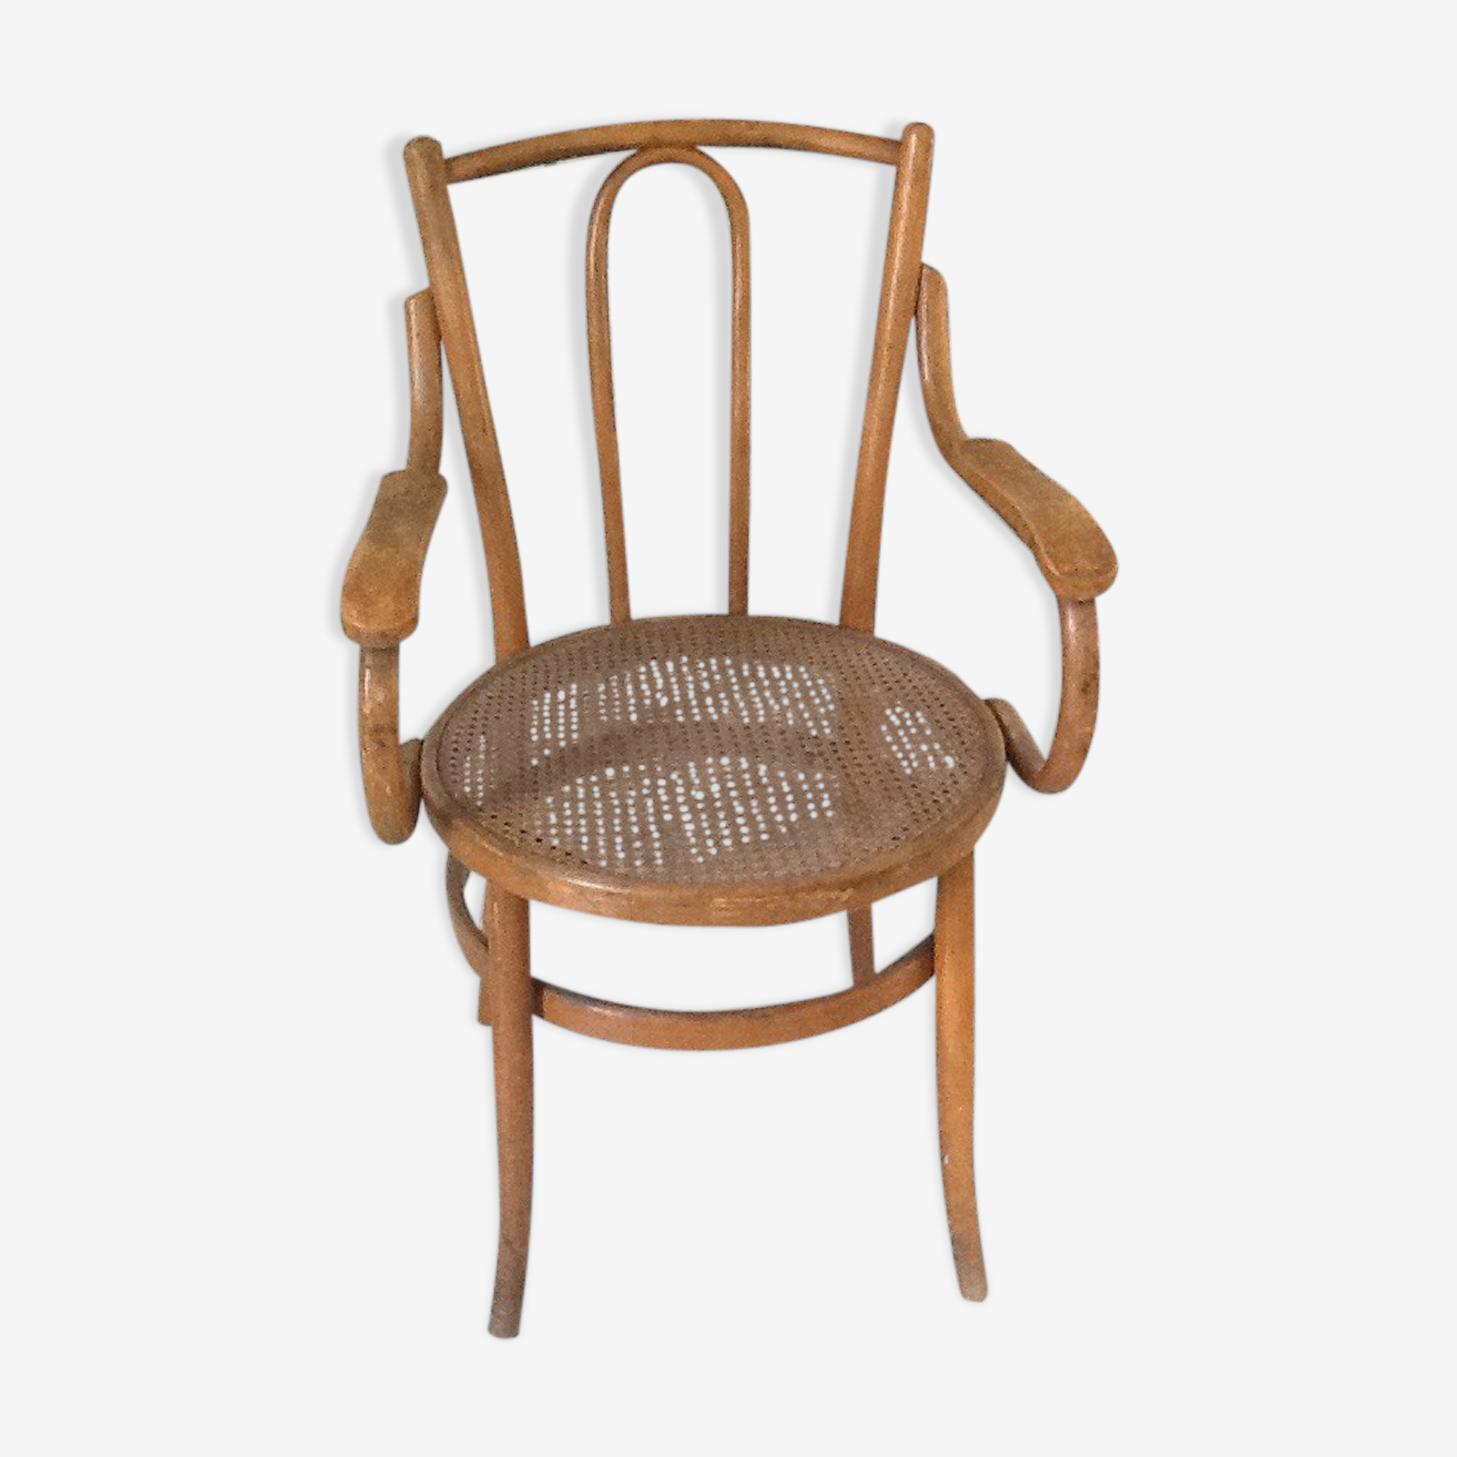 Chair W. Baumann & Cie